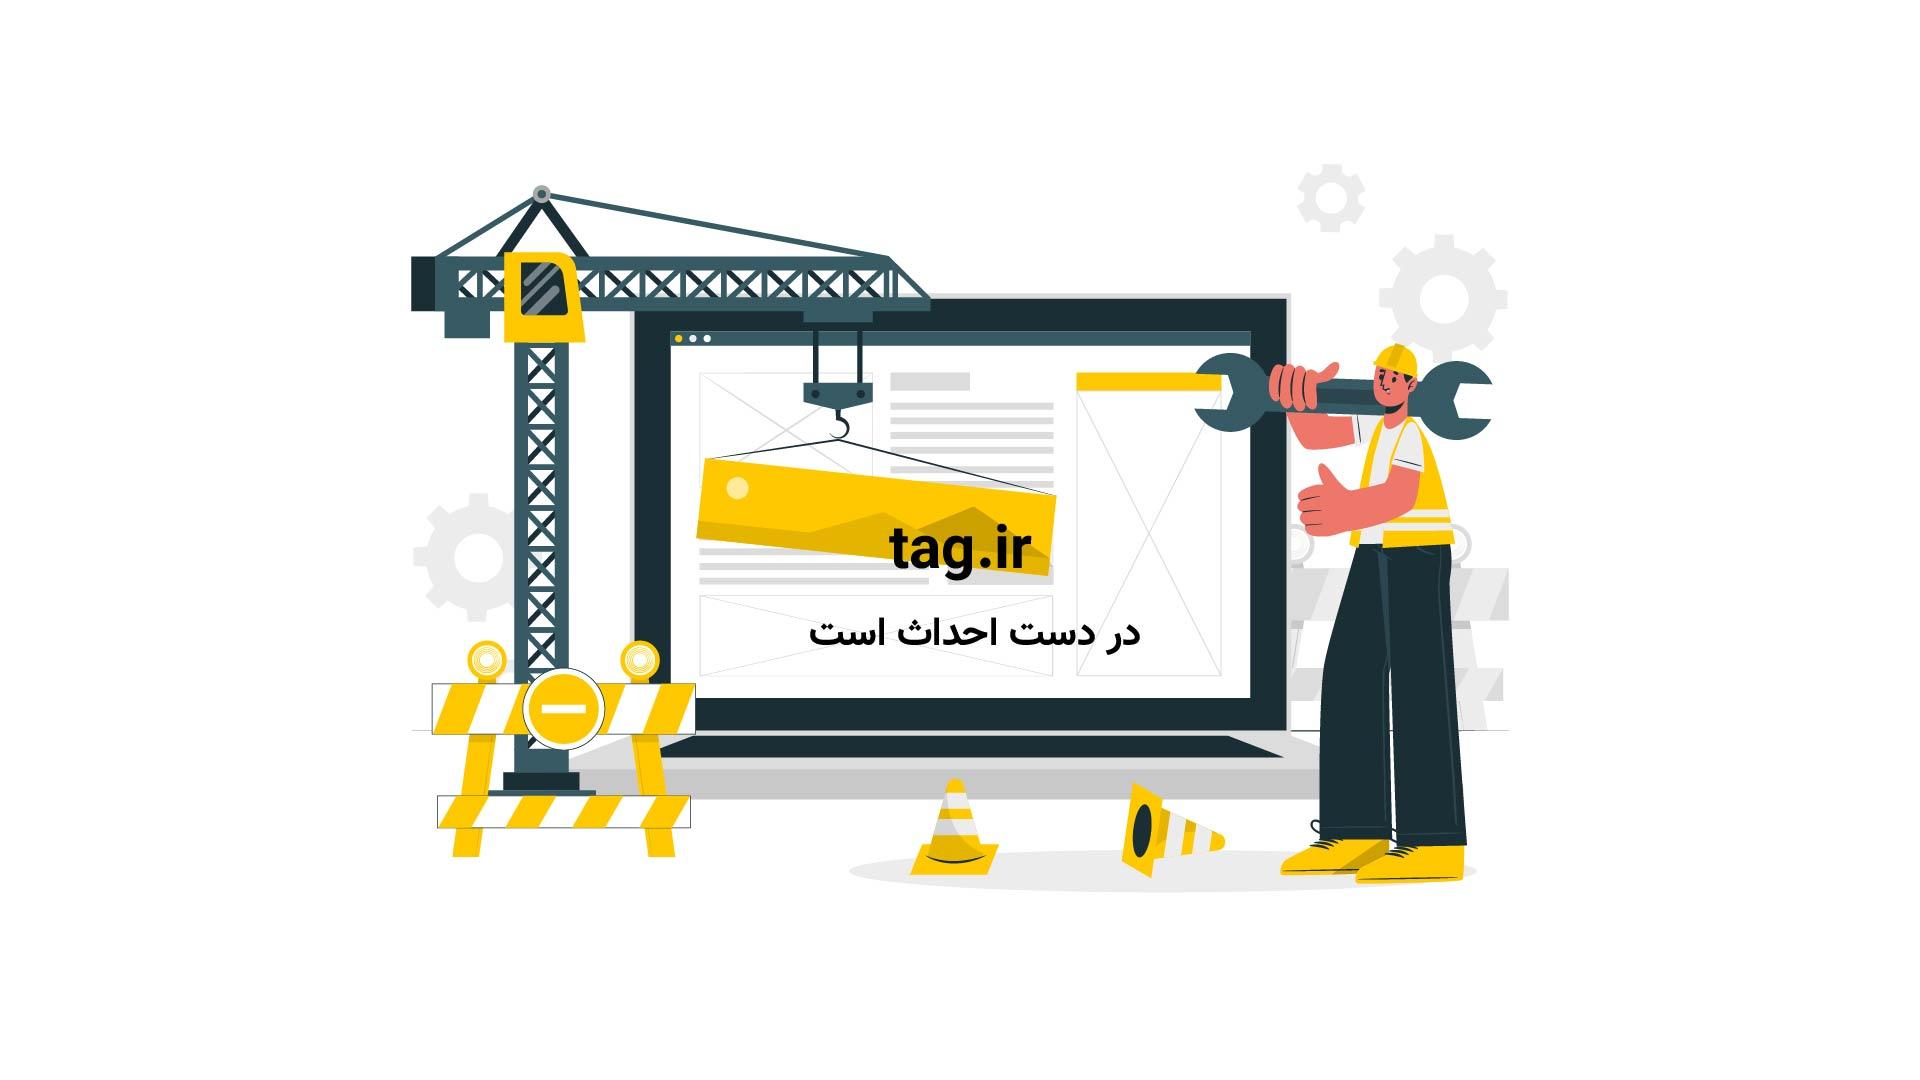 نان حصیری با میکس پنیر | تگ